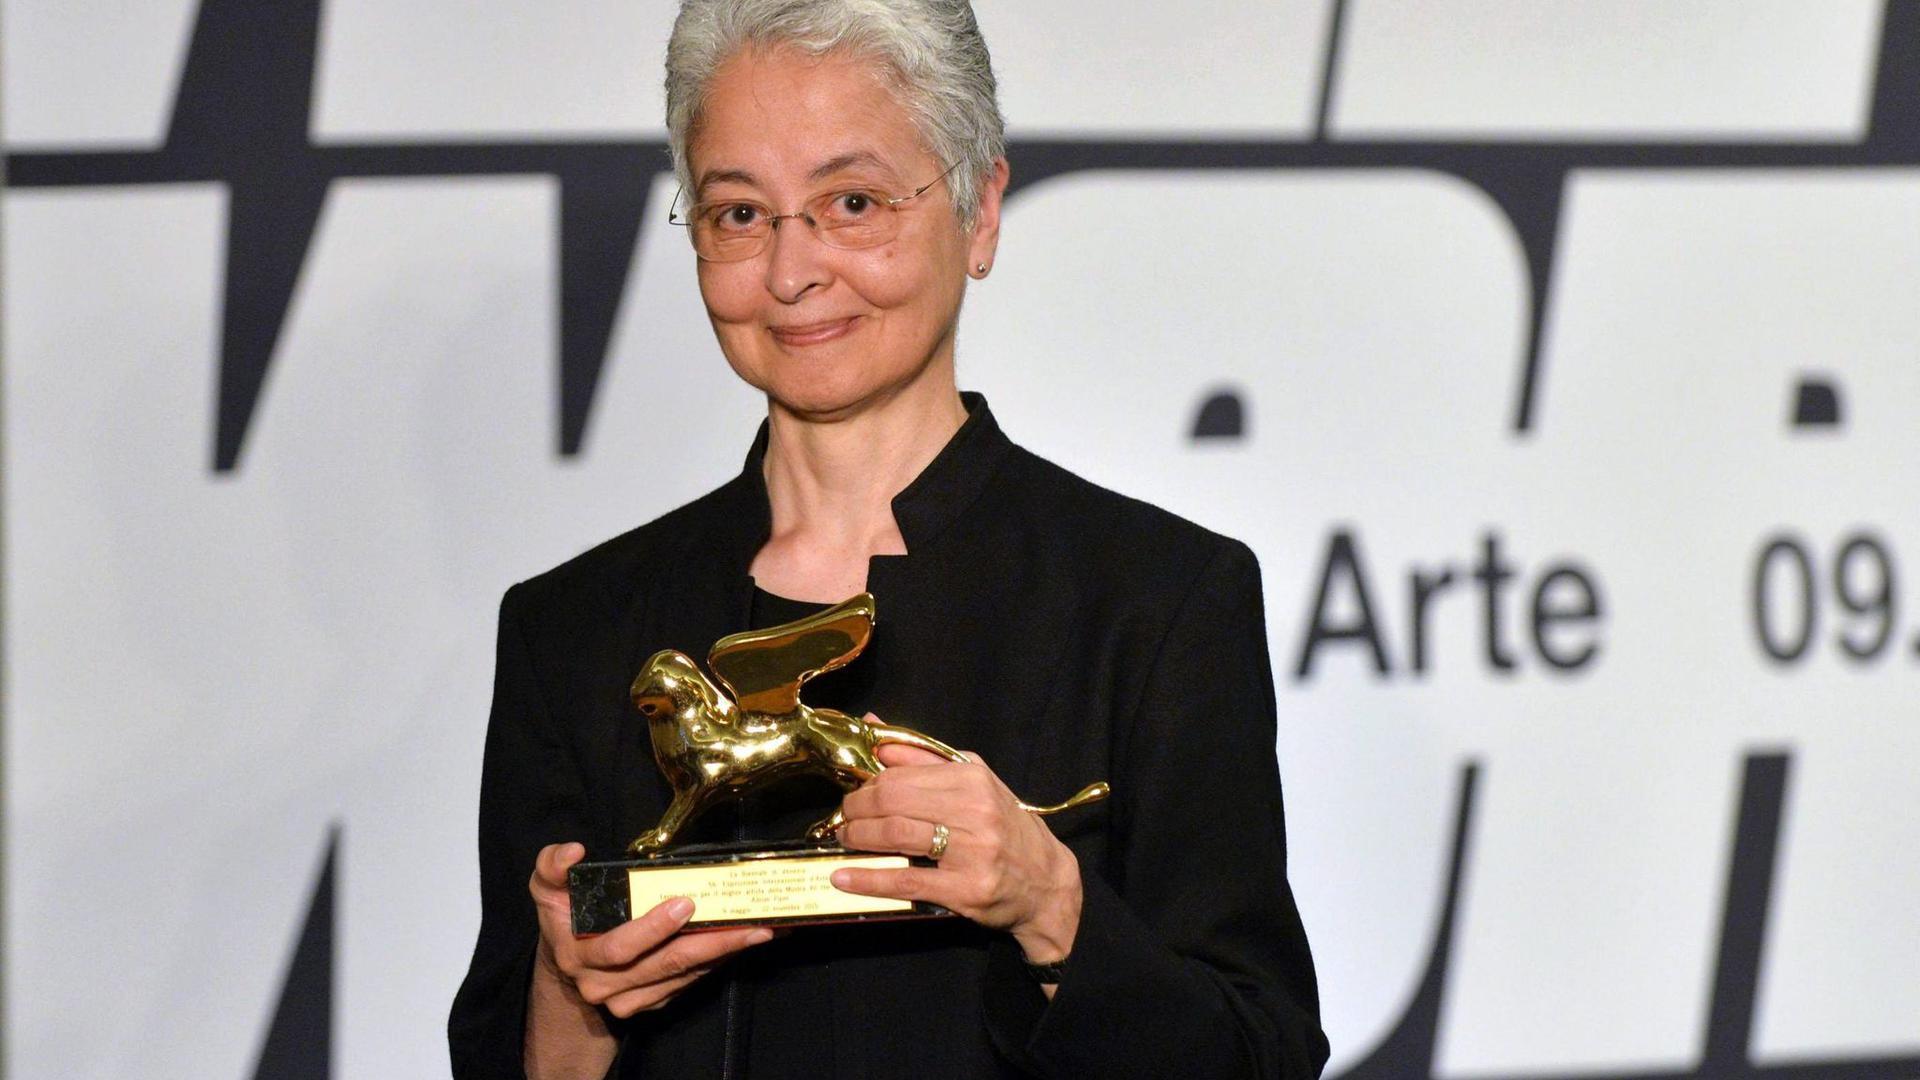 Auf der Biennale in Venedig wurde AdrianPiper bereits mit dem Goldenen Löwen geehrt.